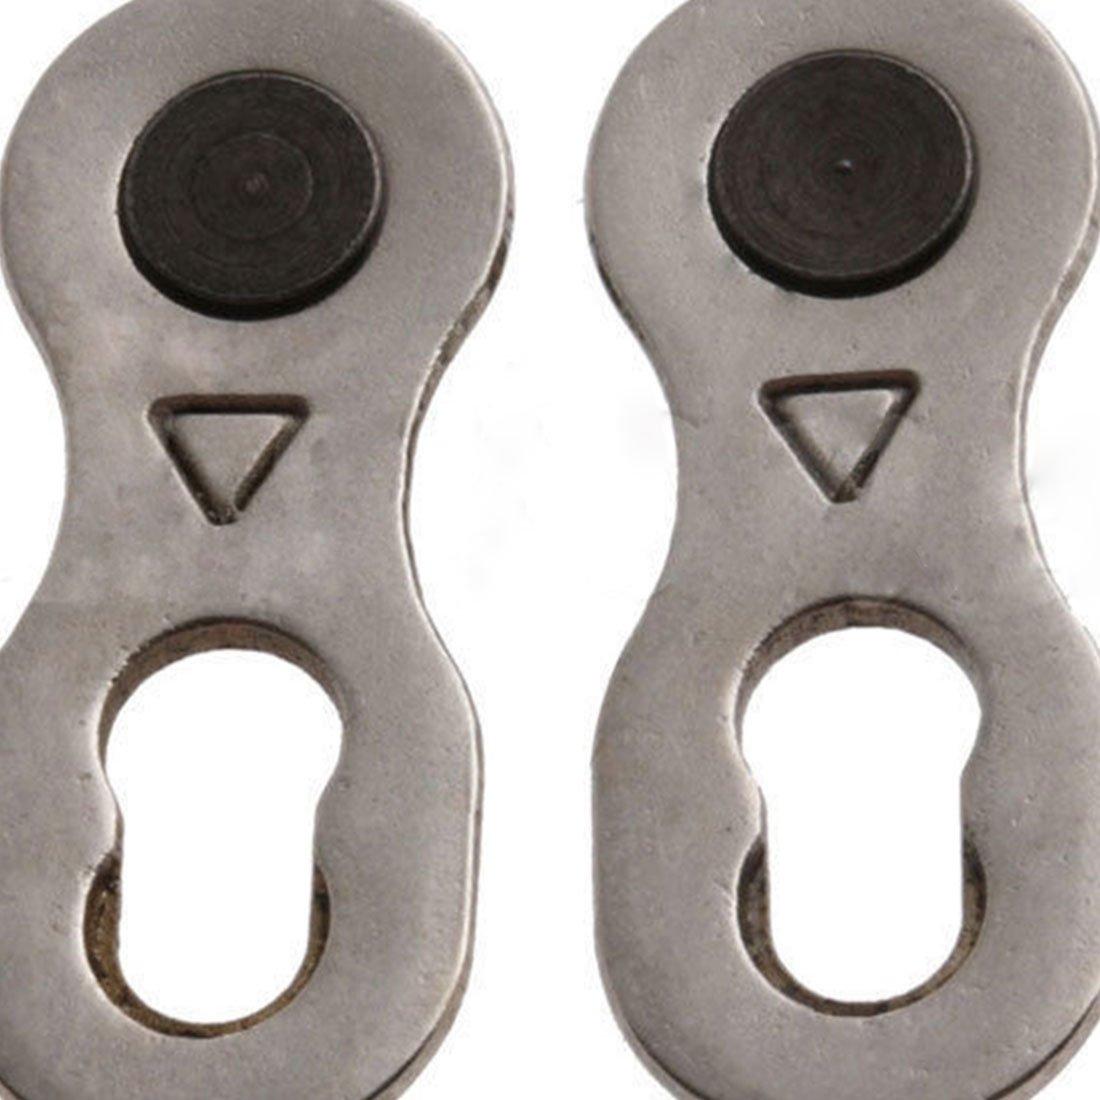 Amazon.com: ARISLUX – 1 par de 2 conectores de cadena para ...